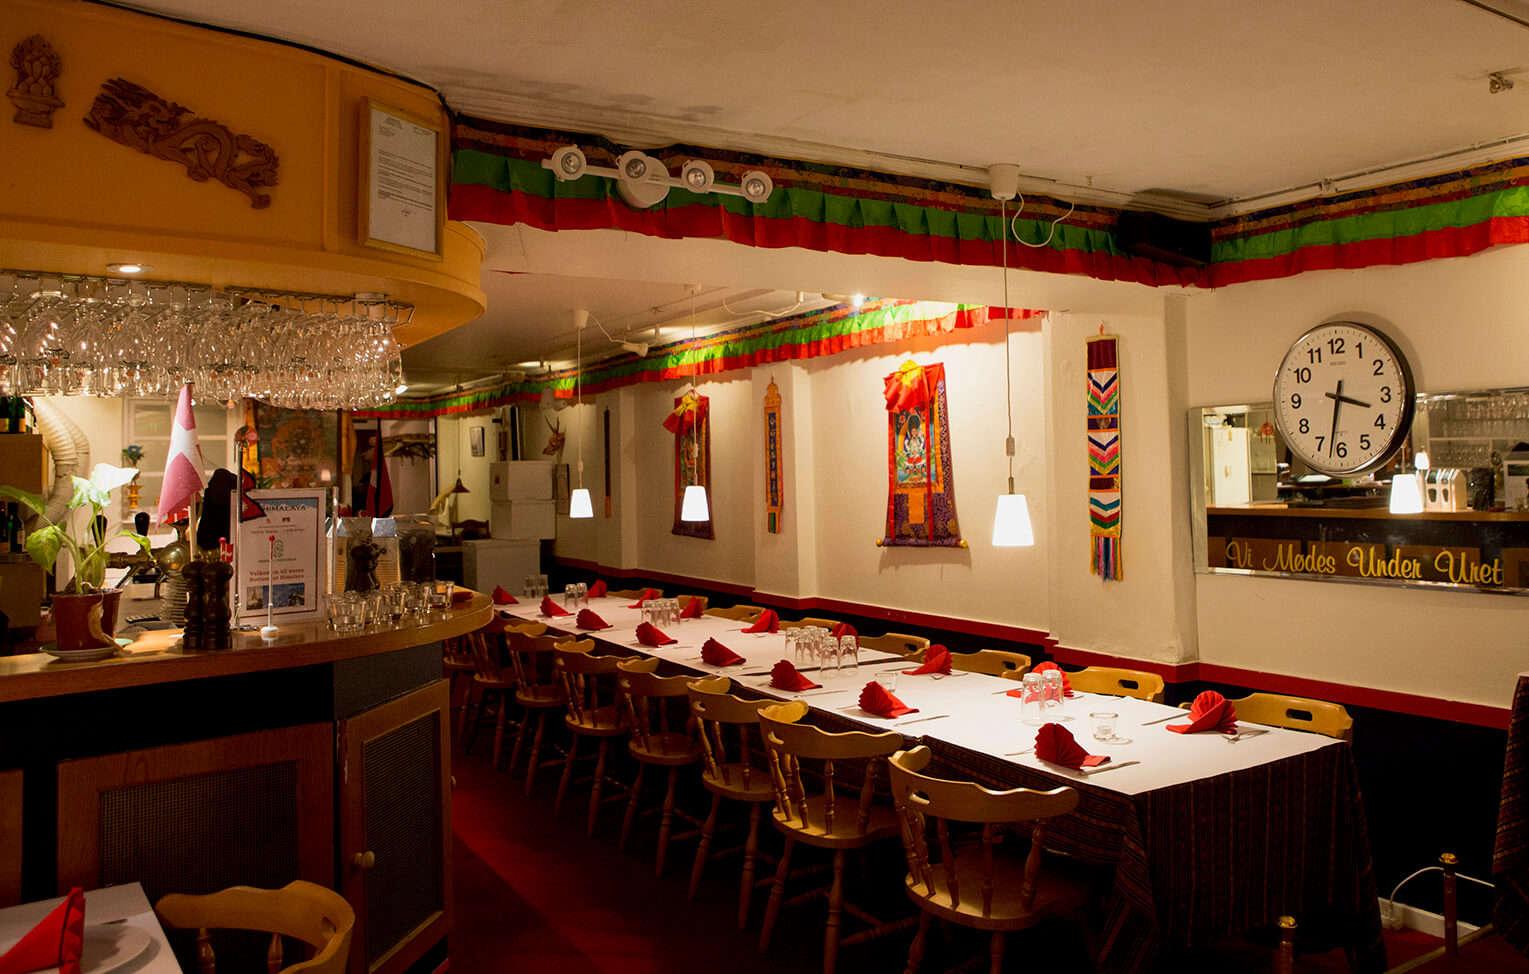 Restaurant Nepali Bhancha